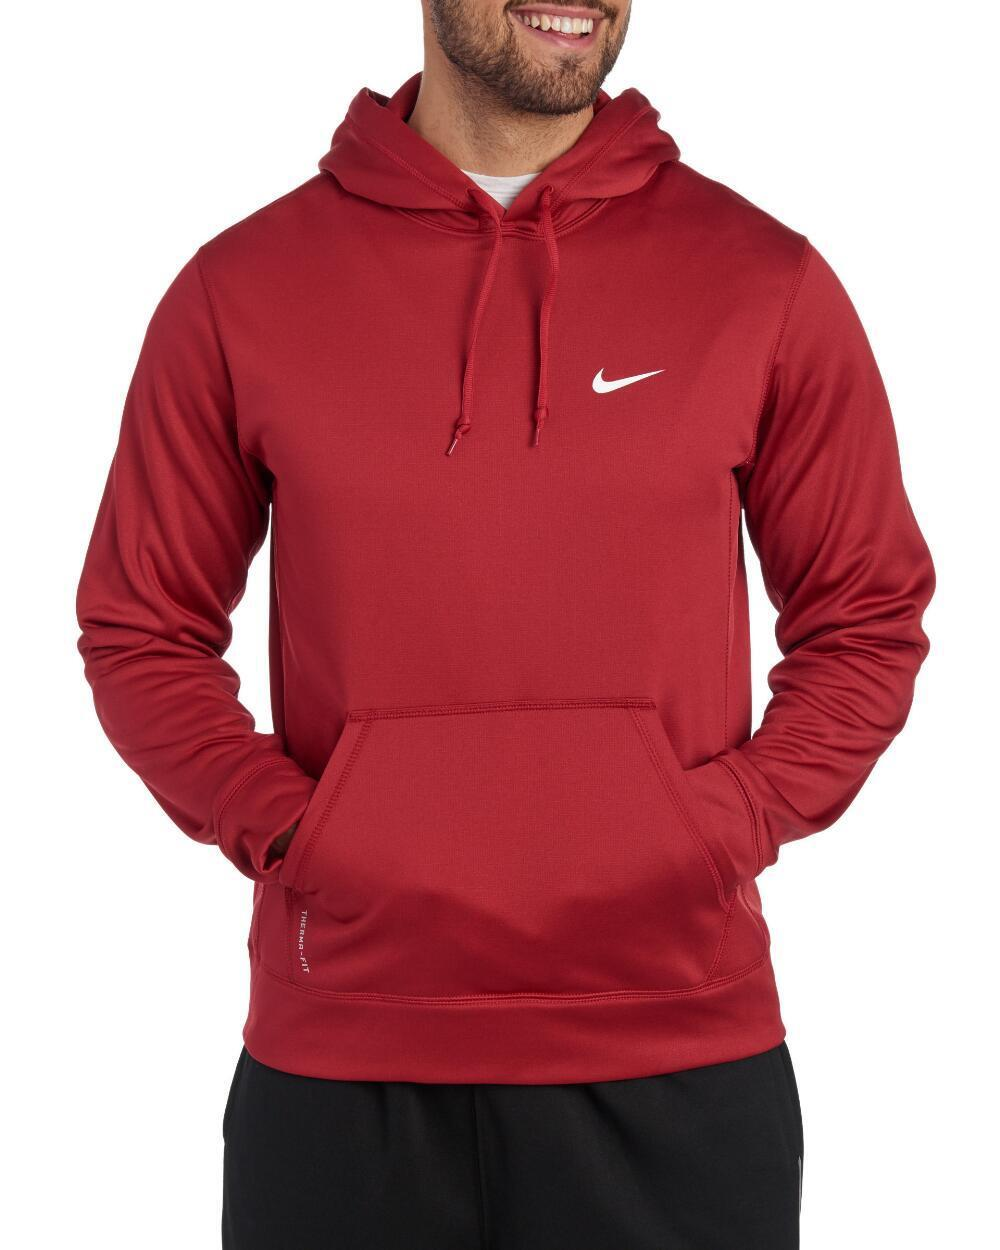 Buy Nike KO 3.0 Therma Hoodie Sweatshirt Mens XL Charcoal